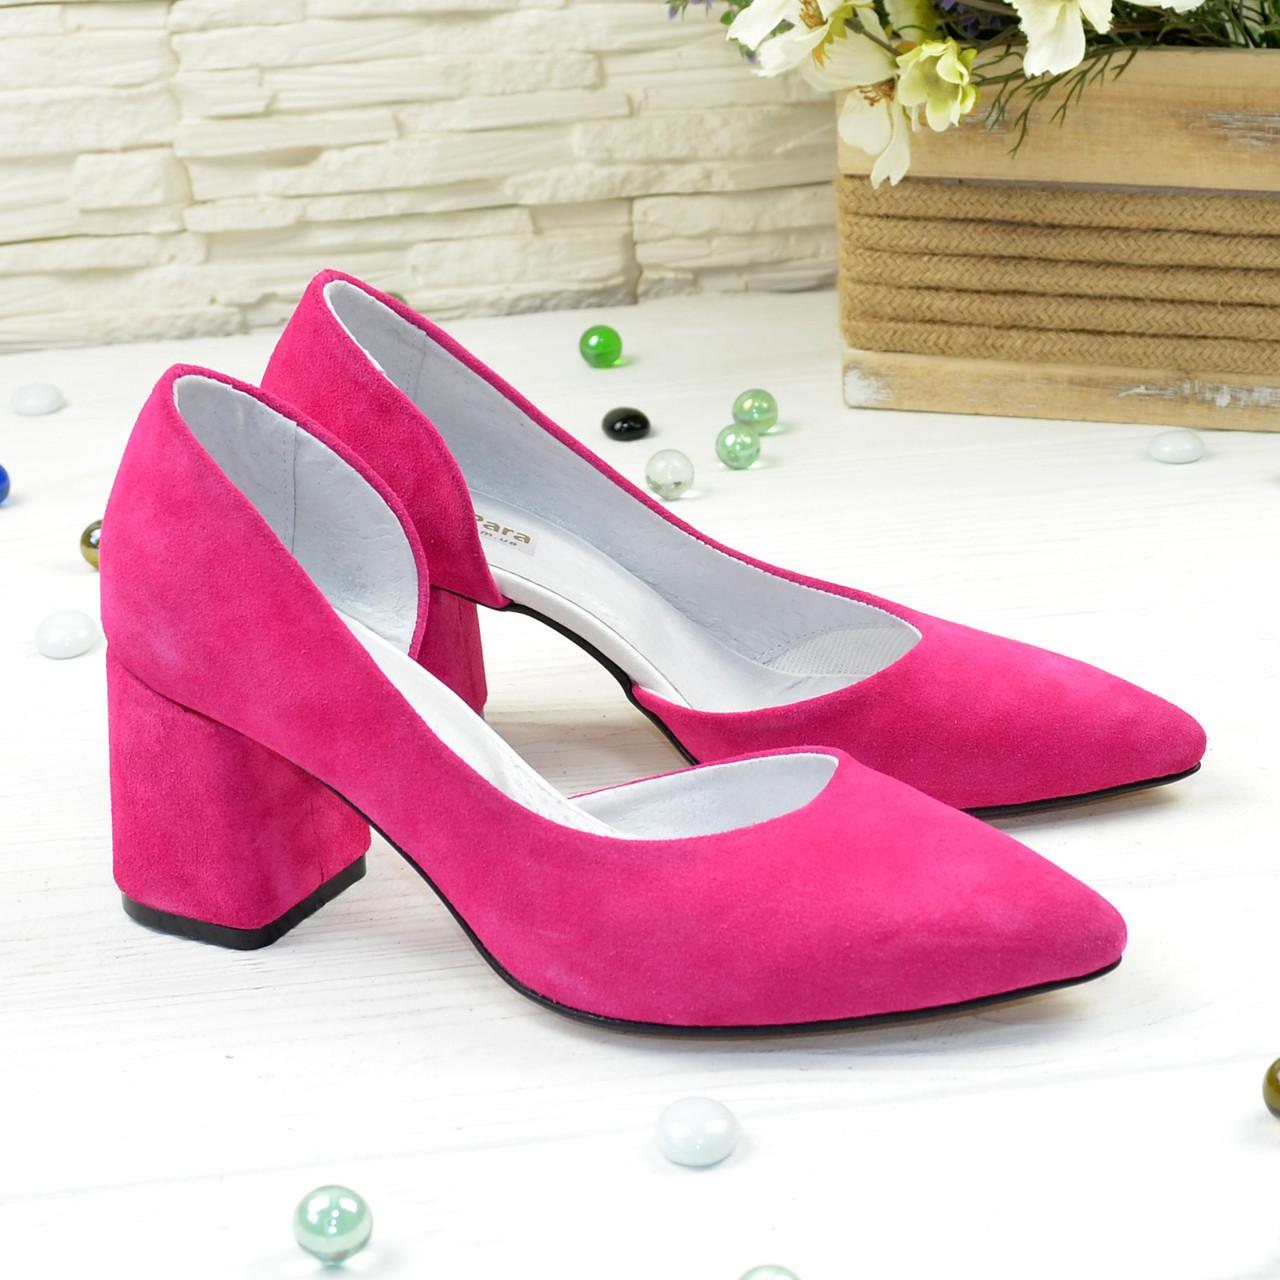 Туфли женские замшевые на невысоком устойчивом каблуке, цвет фуксия